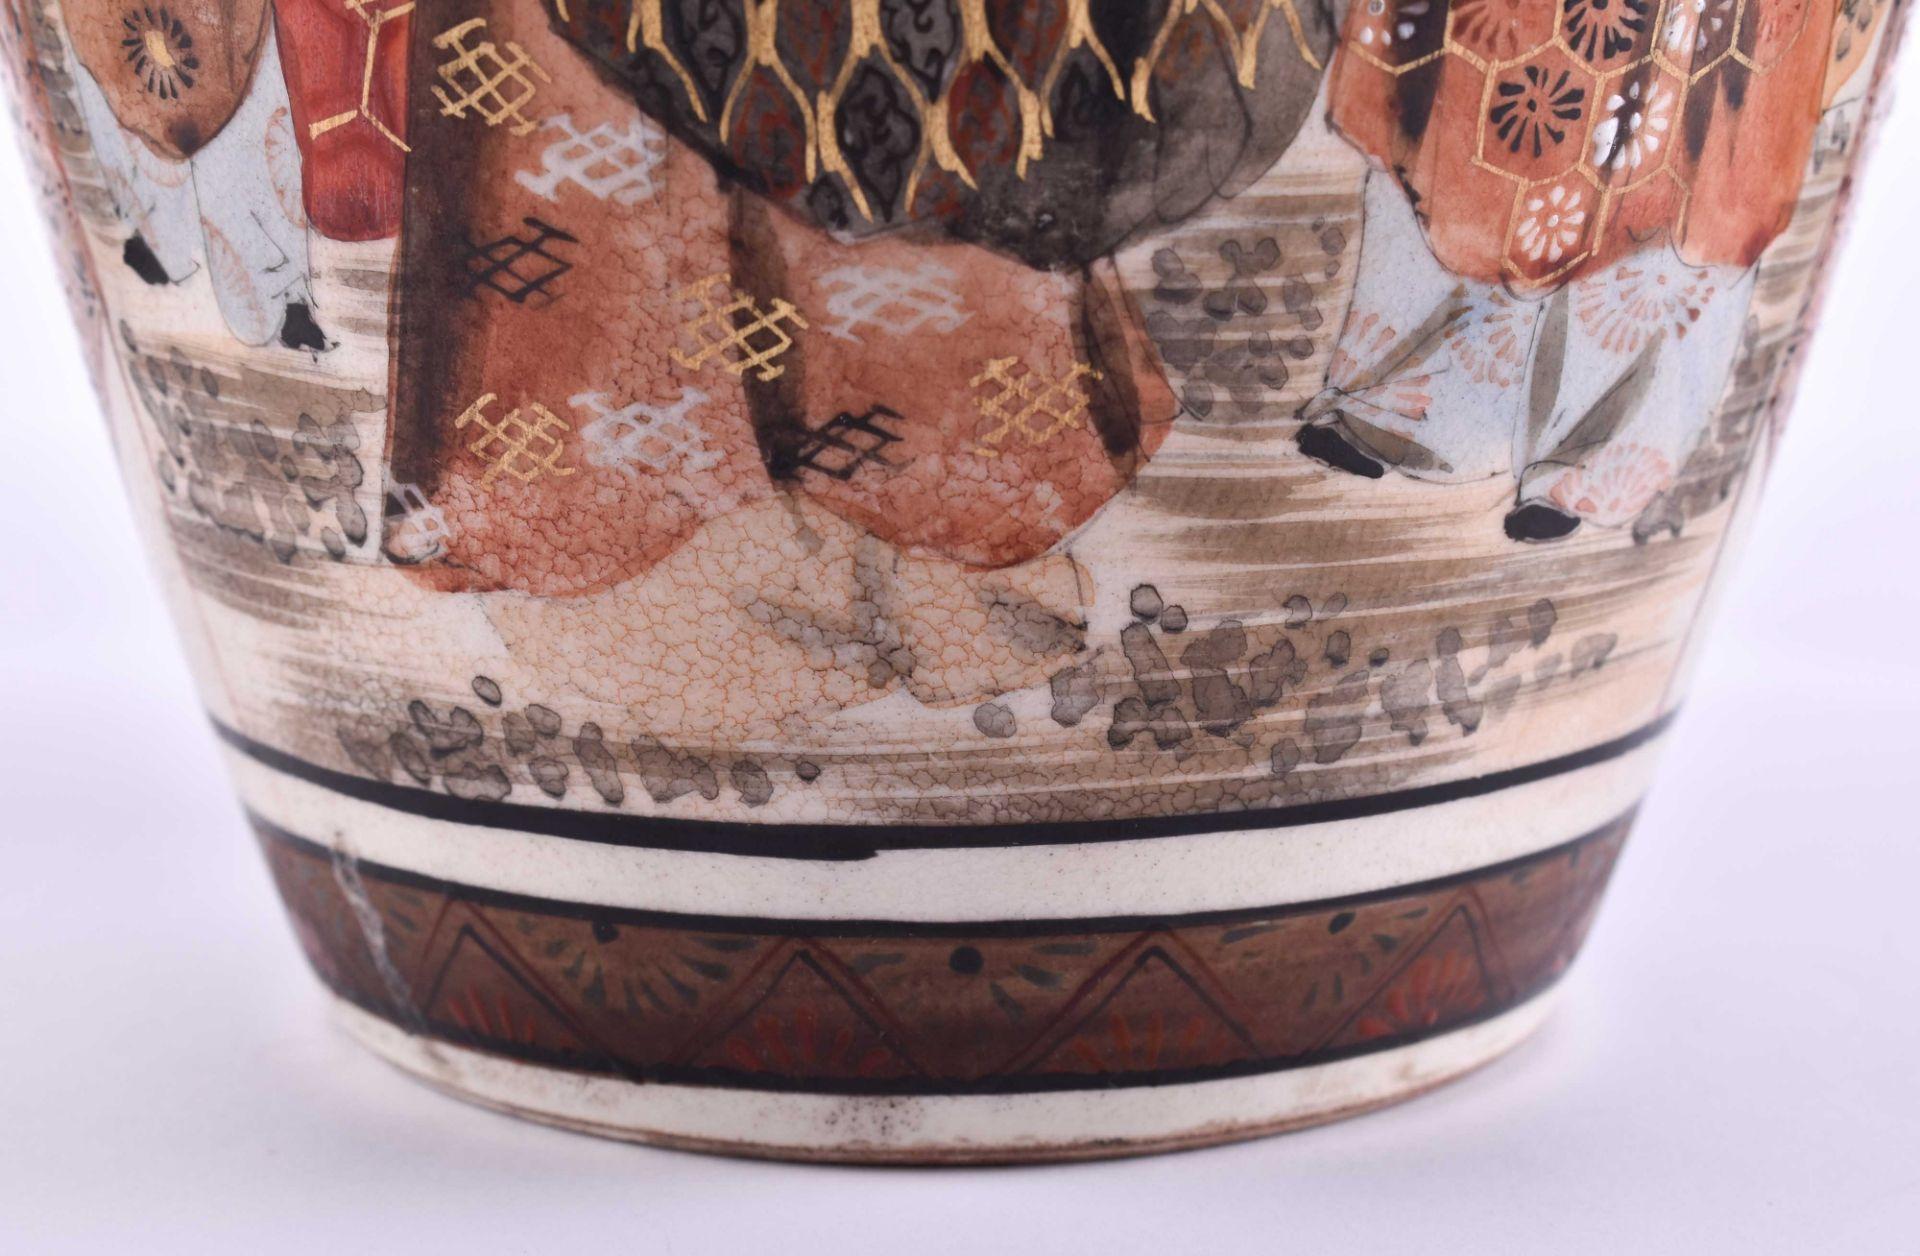 Satsuma vase Japan Meiji period - Image 5 of 6